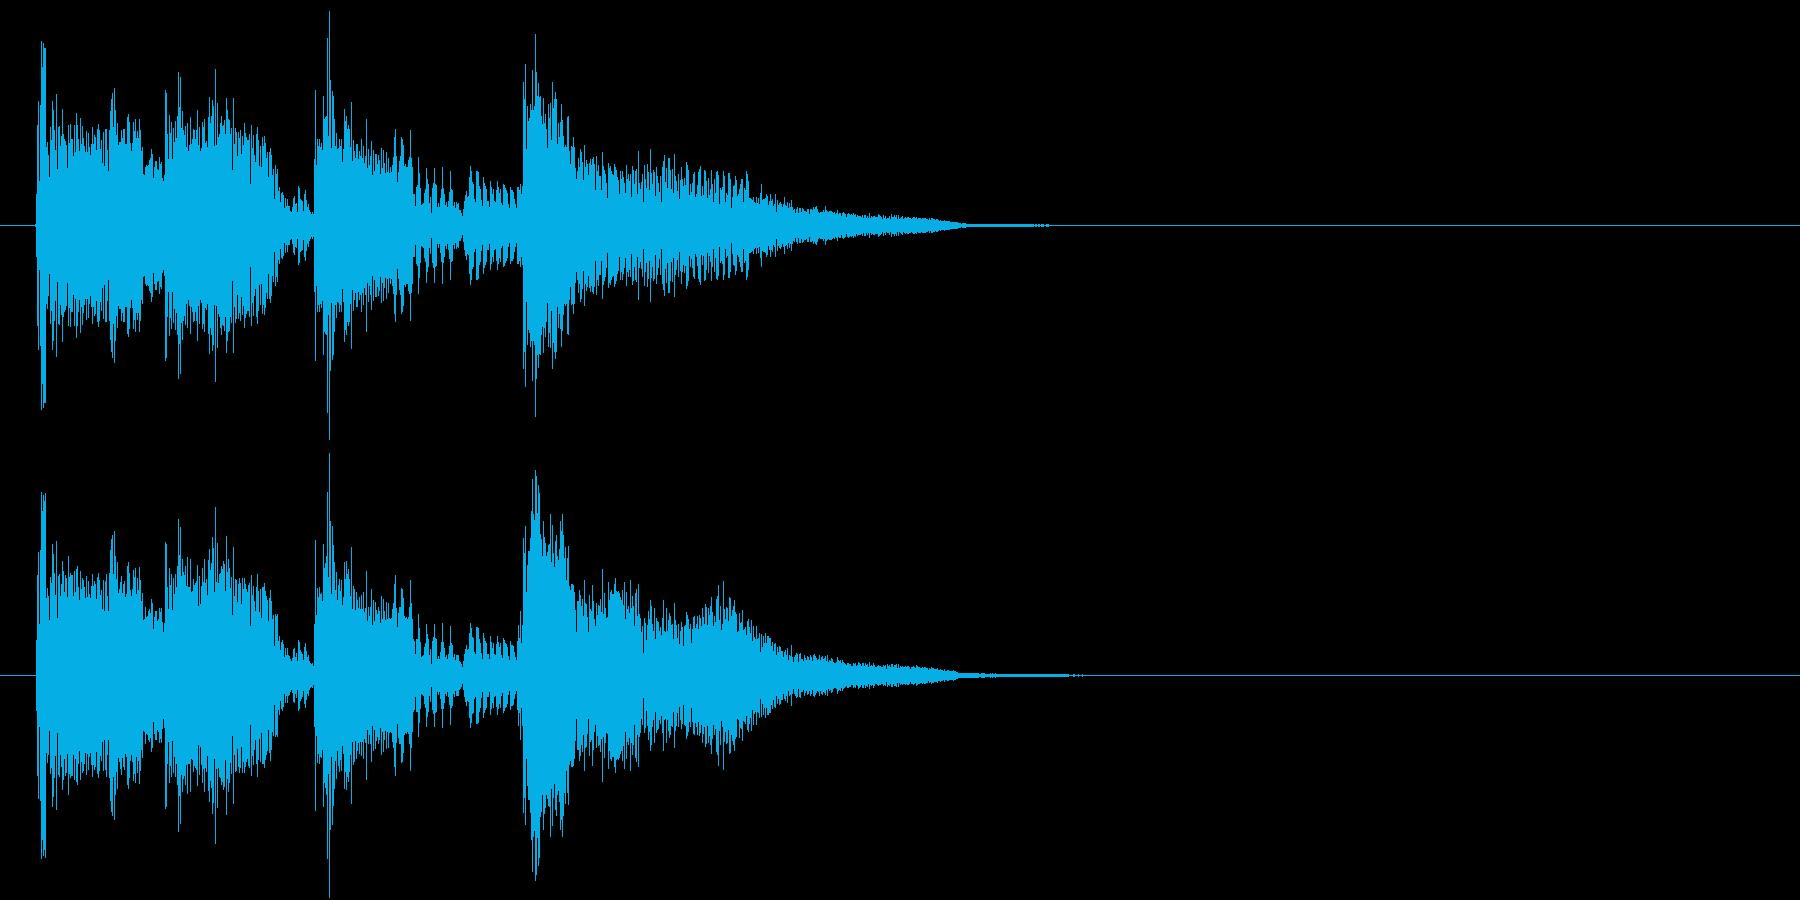 124bpm、G-Maj、2小節ジングルの再生済みの波形